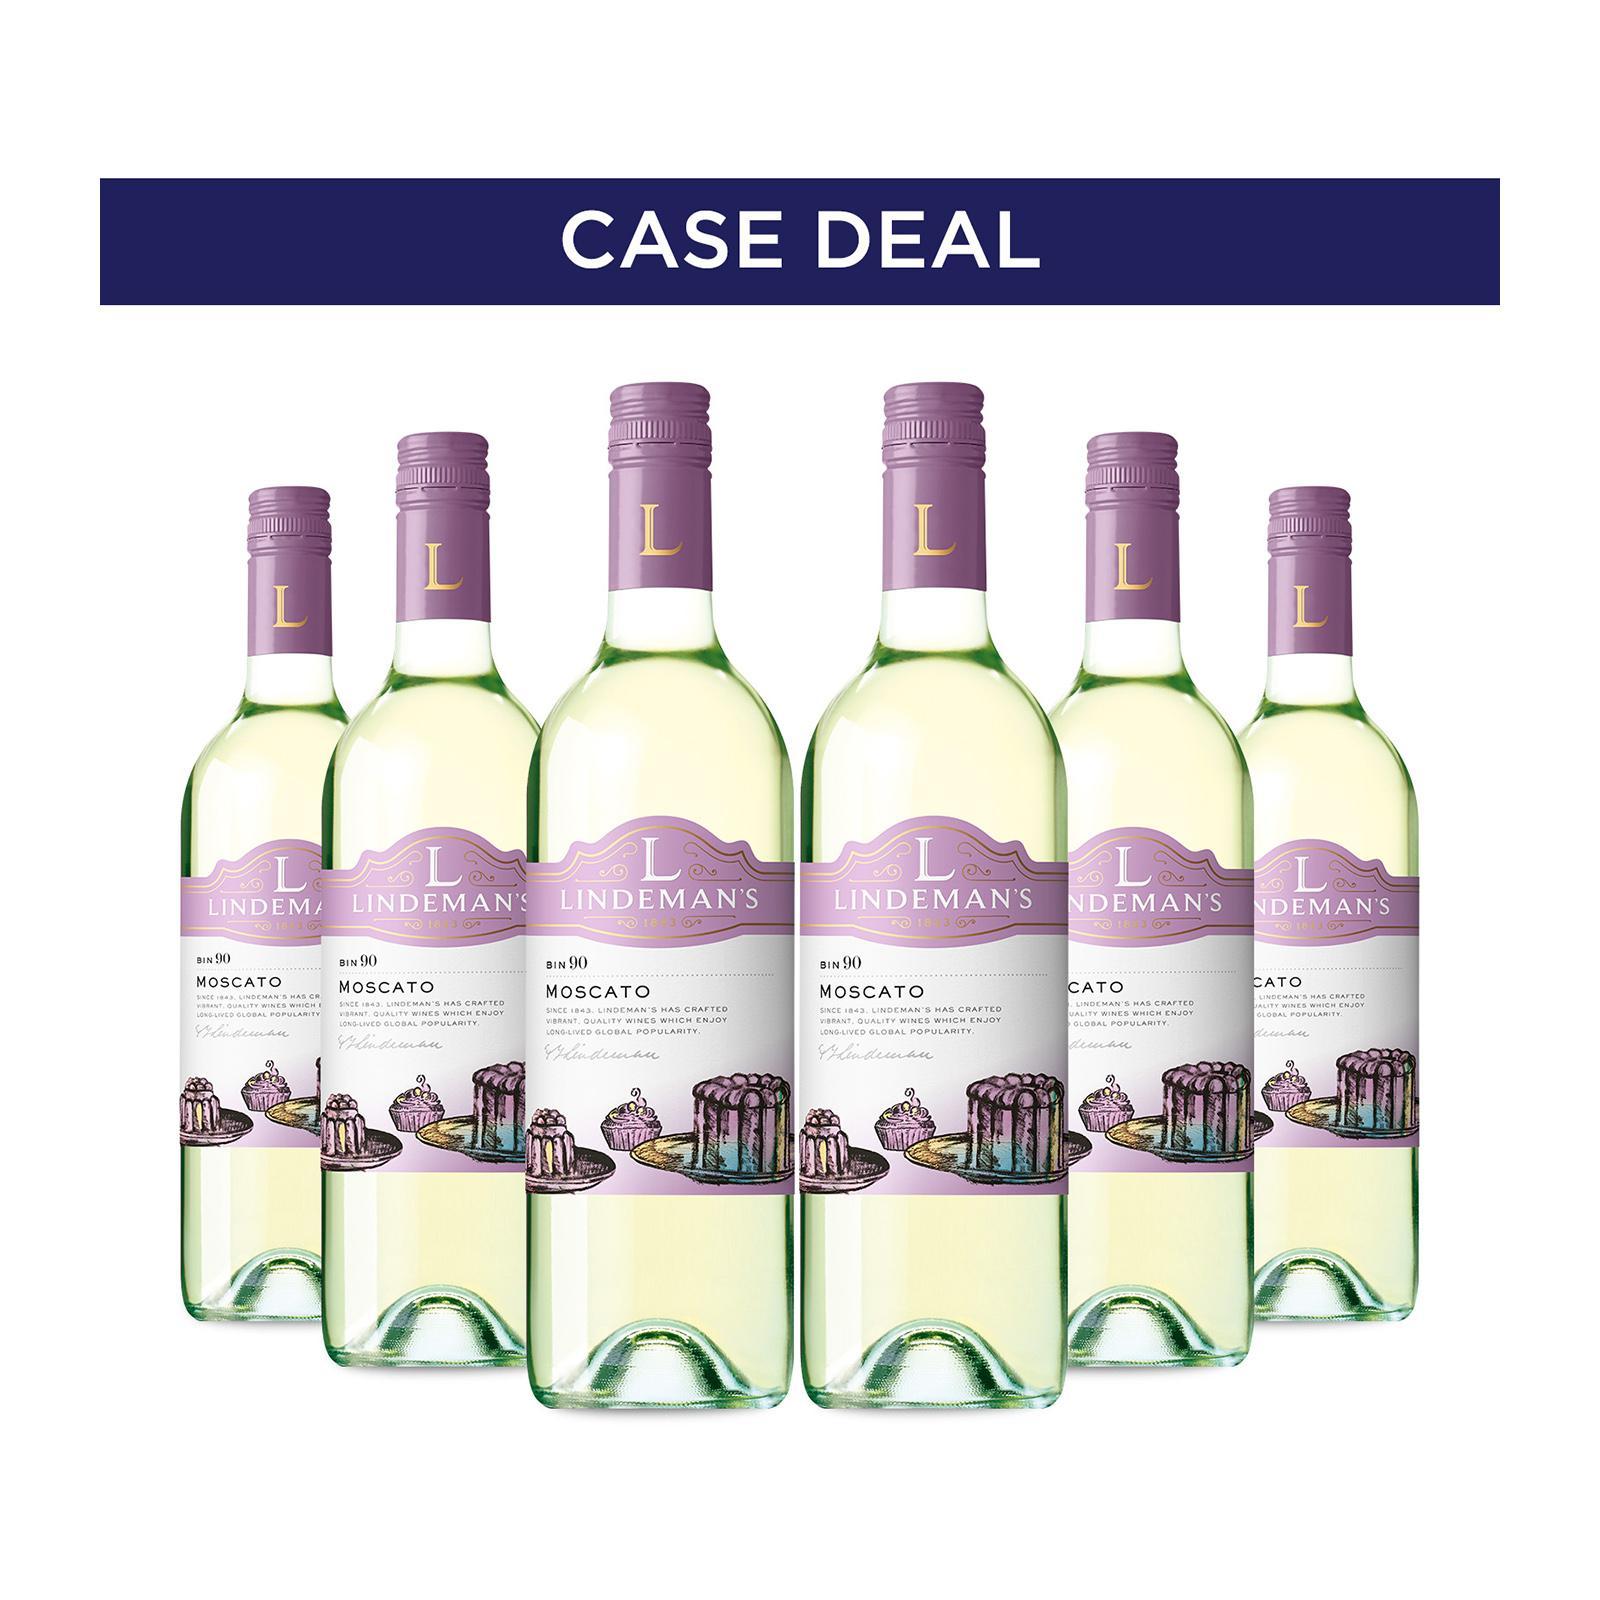 Lindeman's Bin 90 Moscato - Case